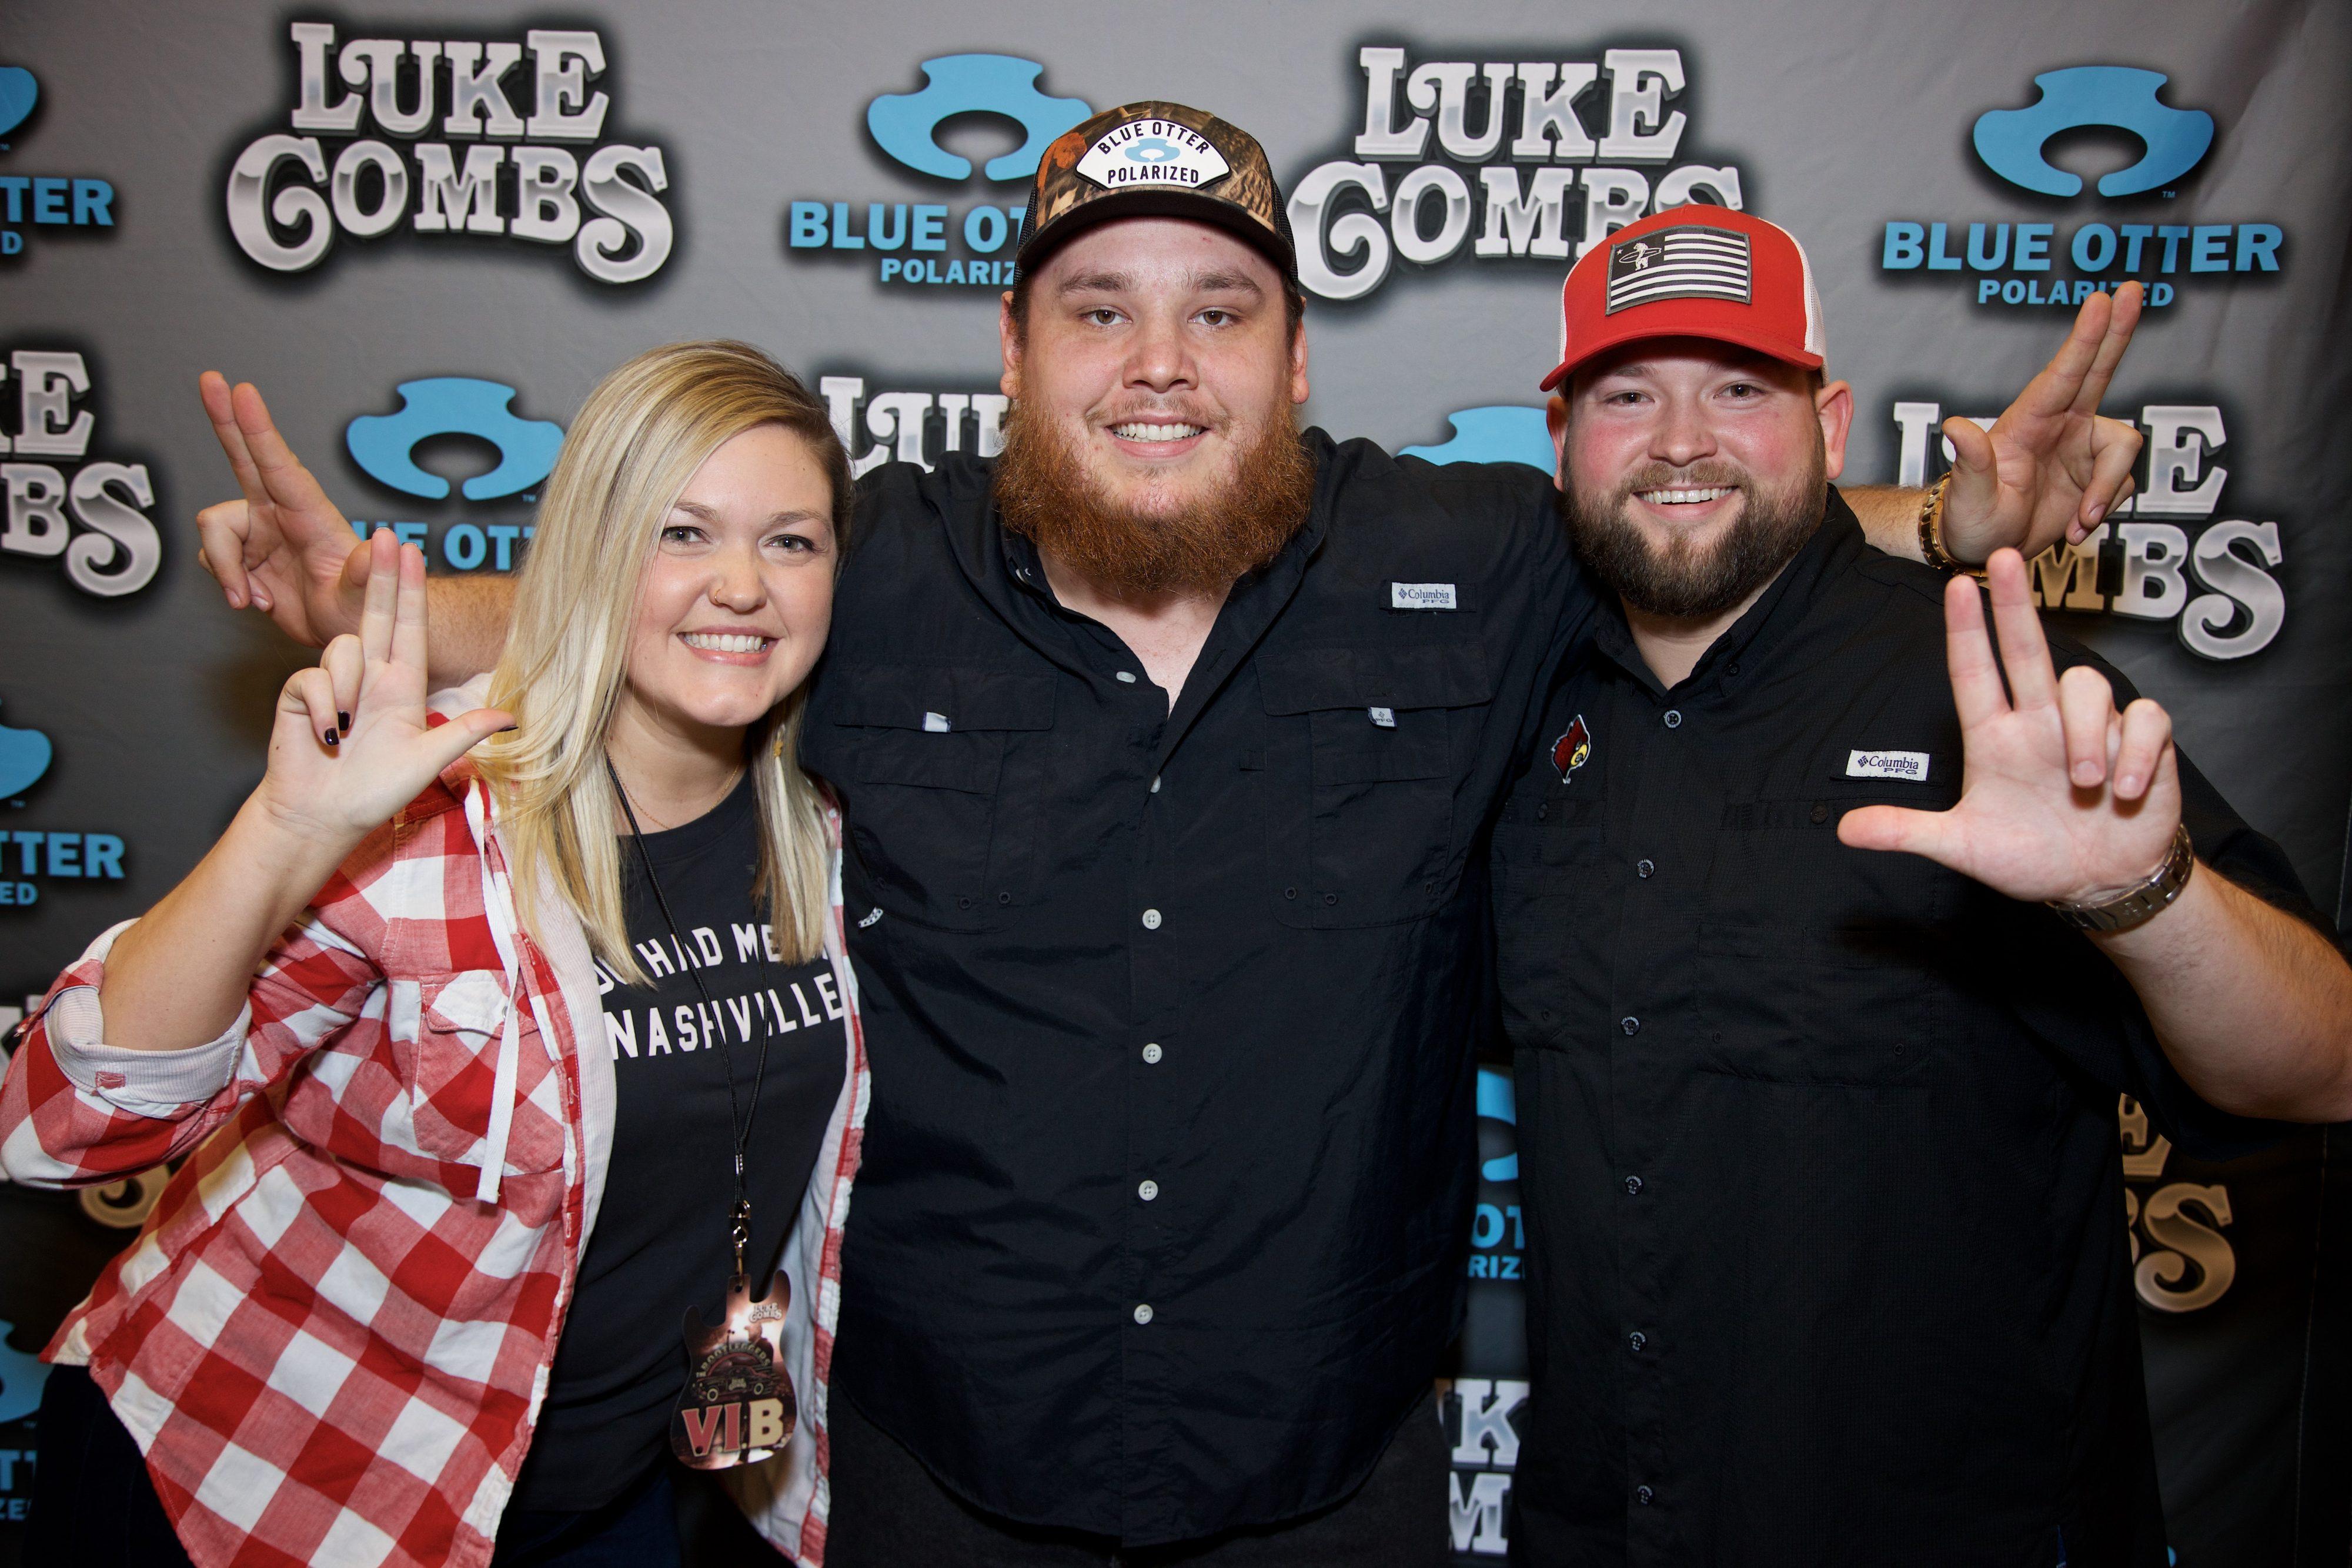 20191211_Luke_Combs_Louisville_0397